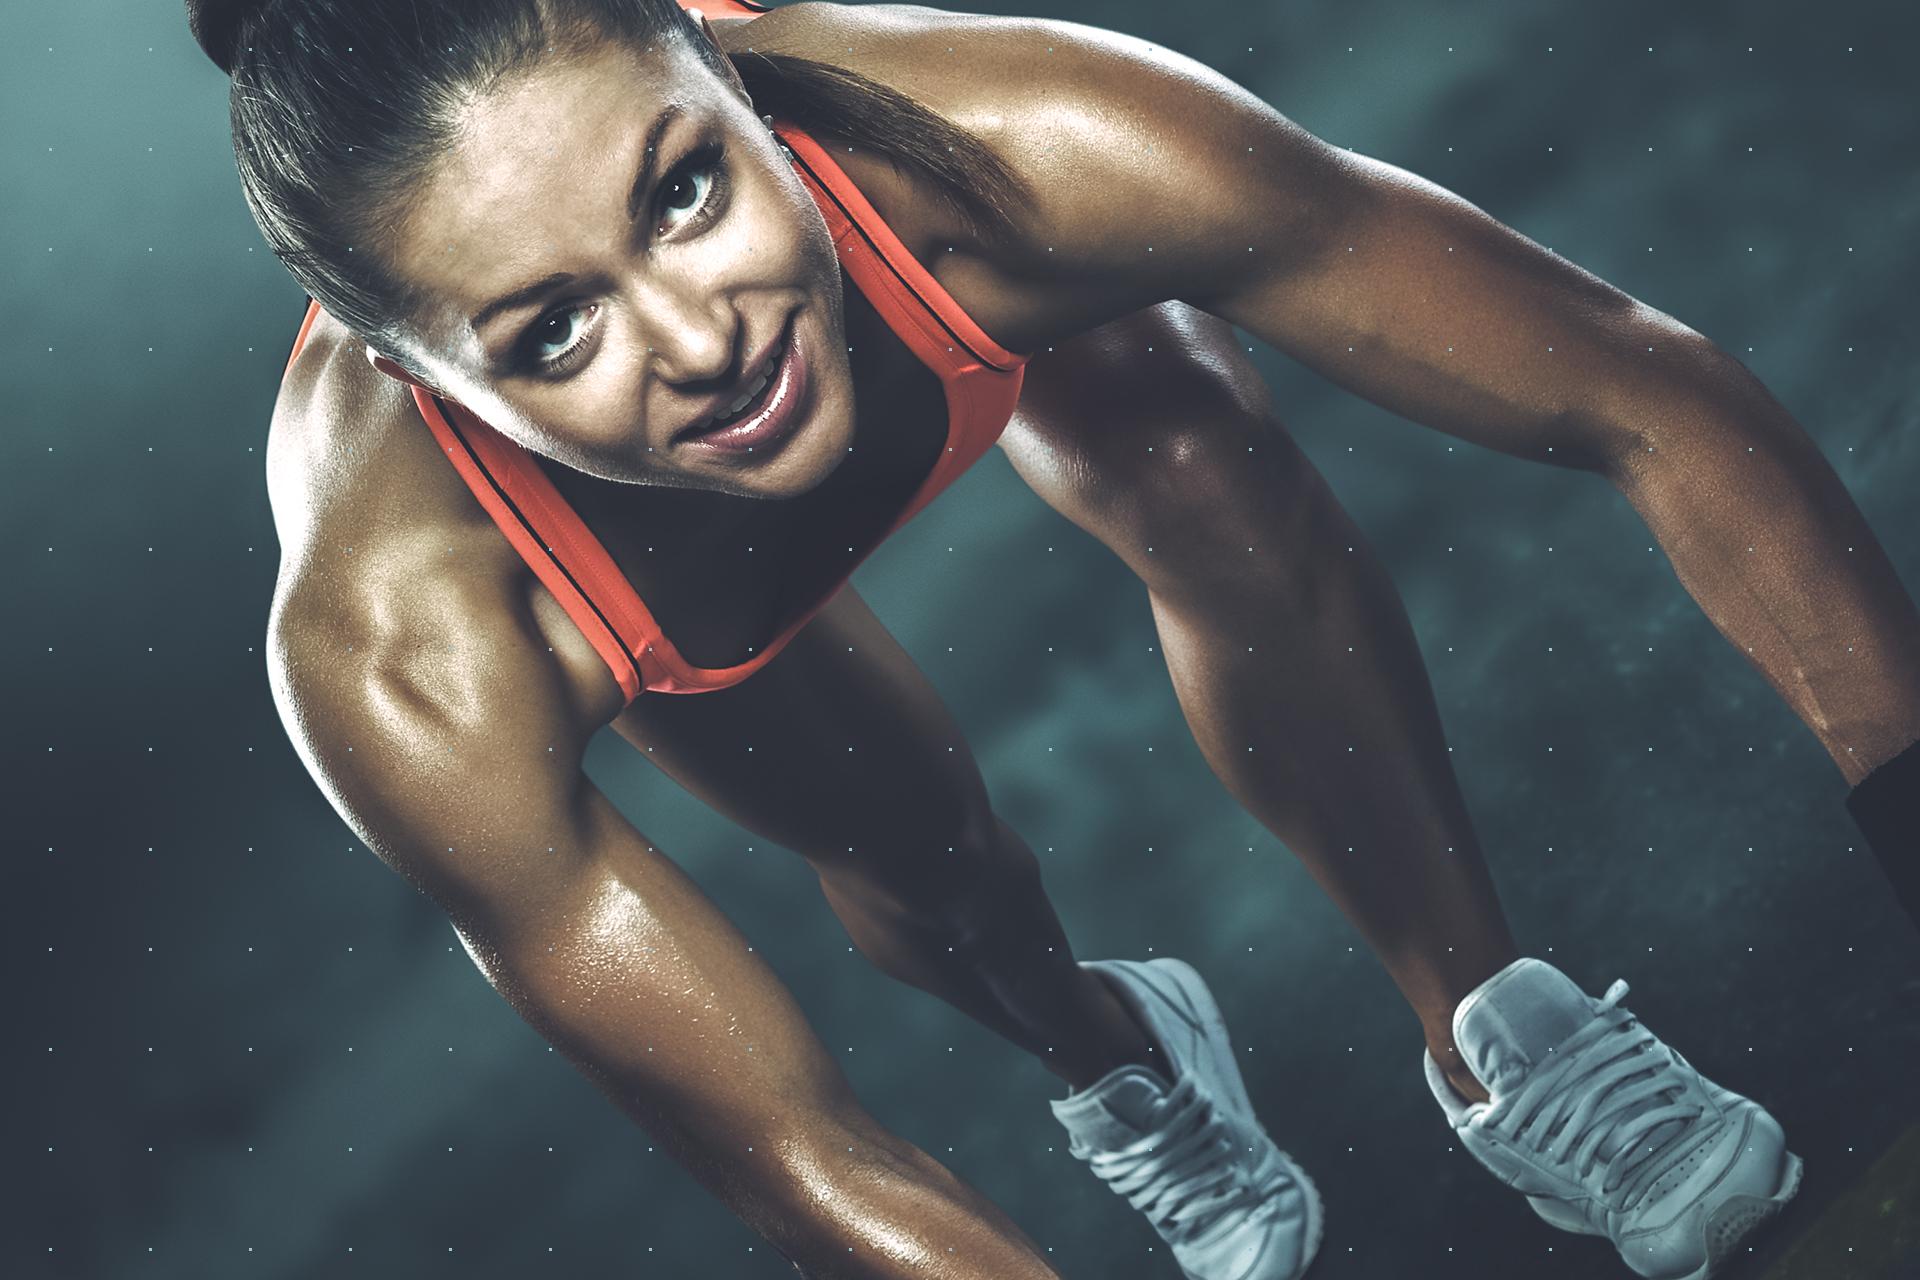 Aktiva Olpe öffnungszeiten : fitness vorteile in olpe aktiva premium olpe fitness sport personal training fitness club ~ Frokenaadalensverden.com Haus und Dekorationen